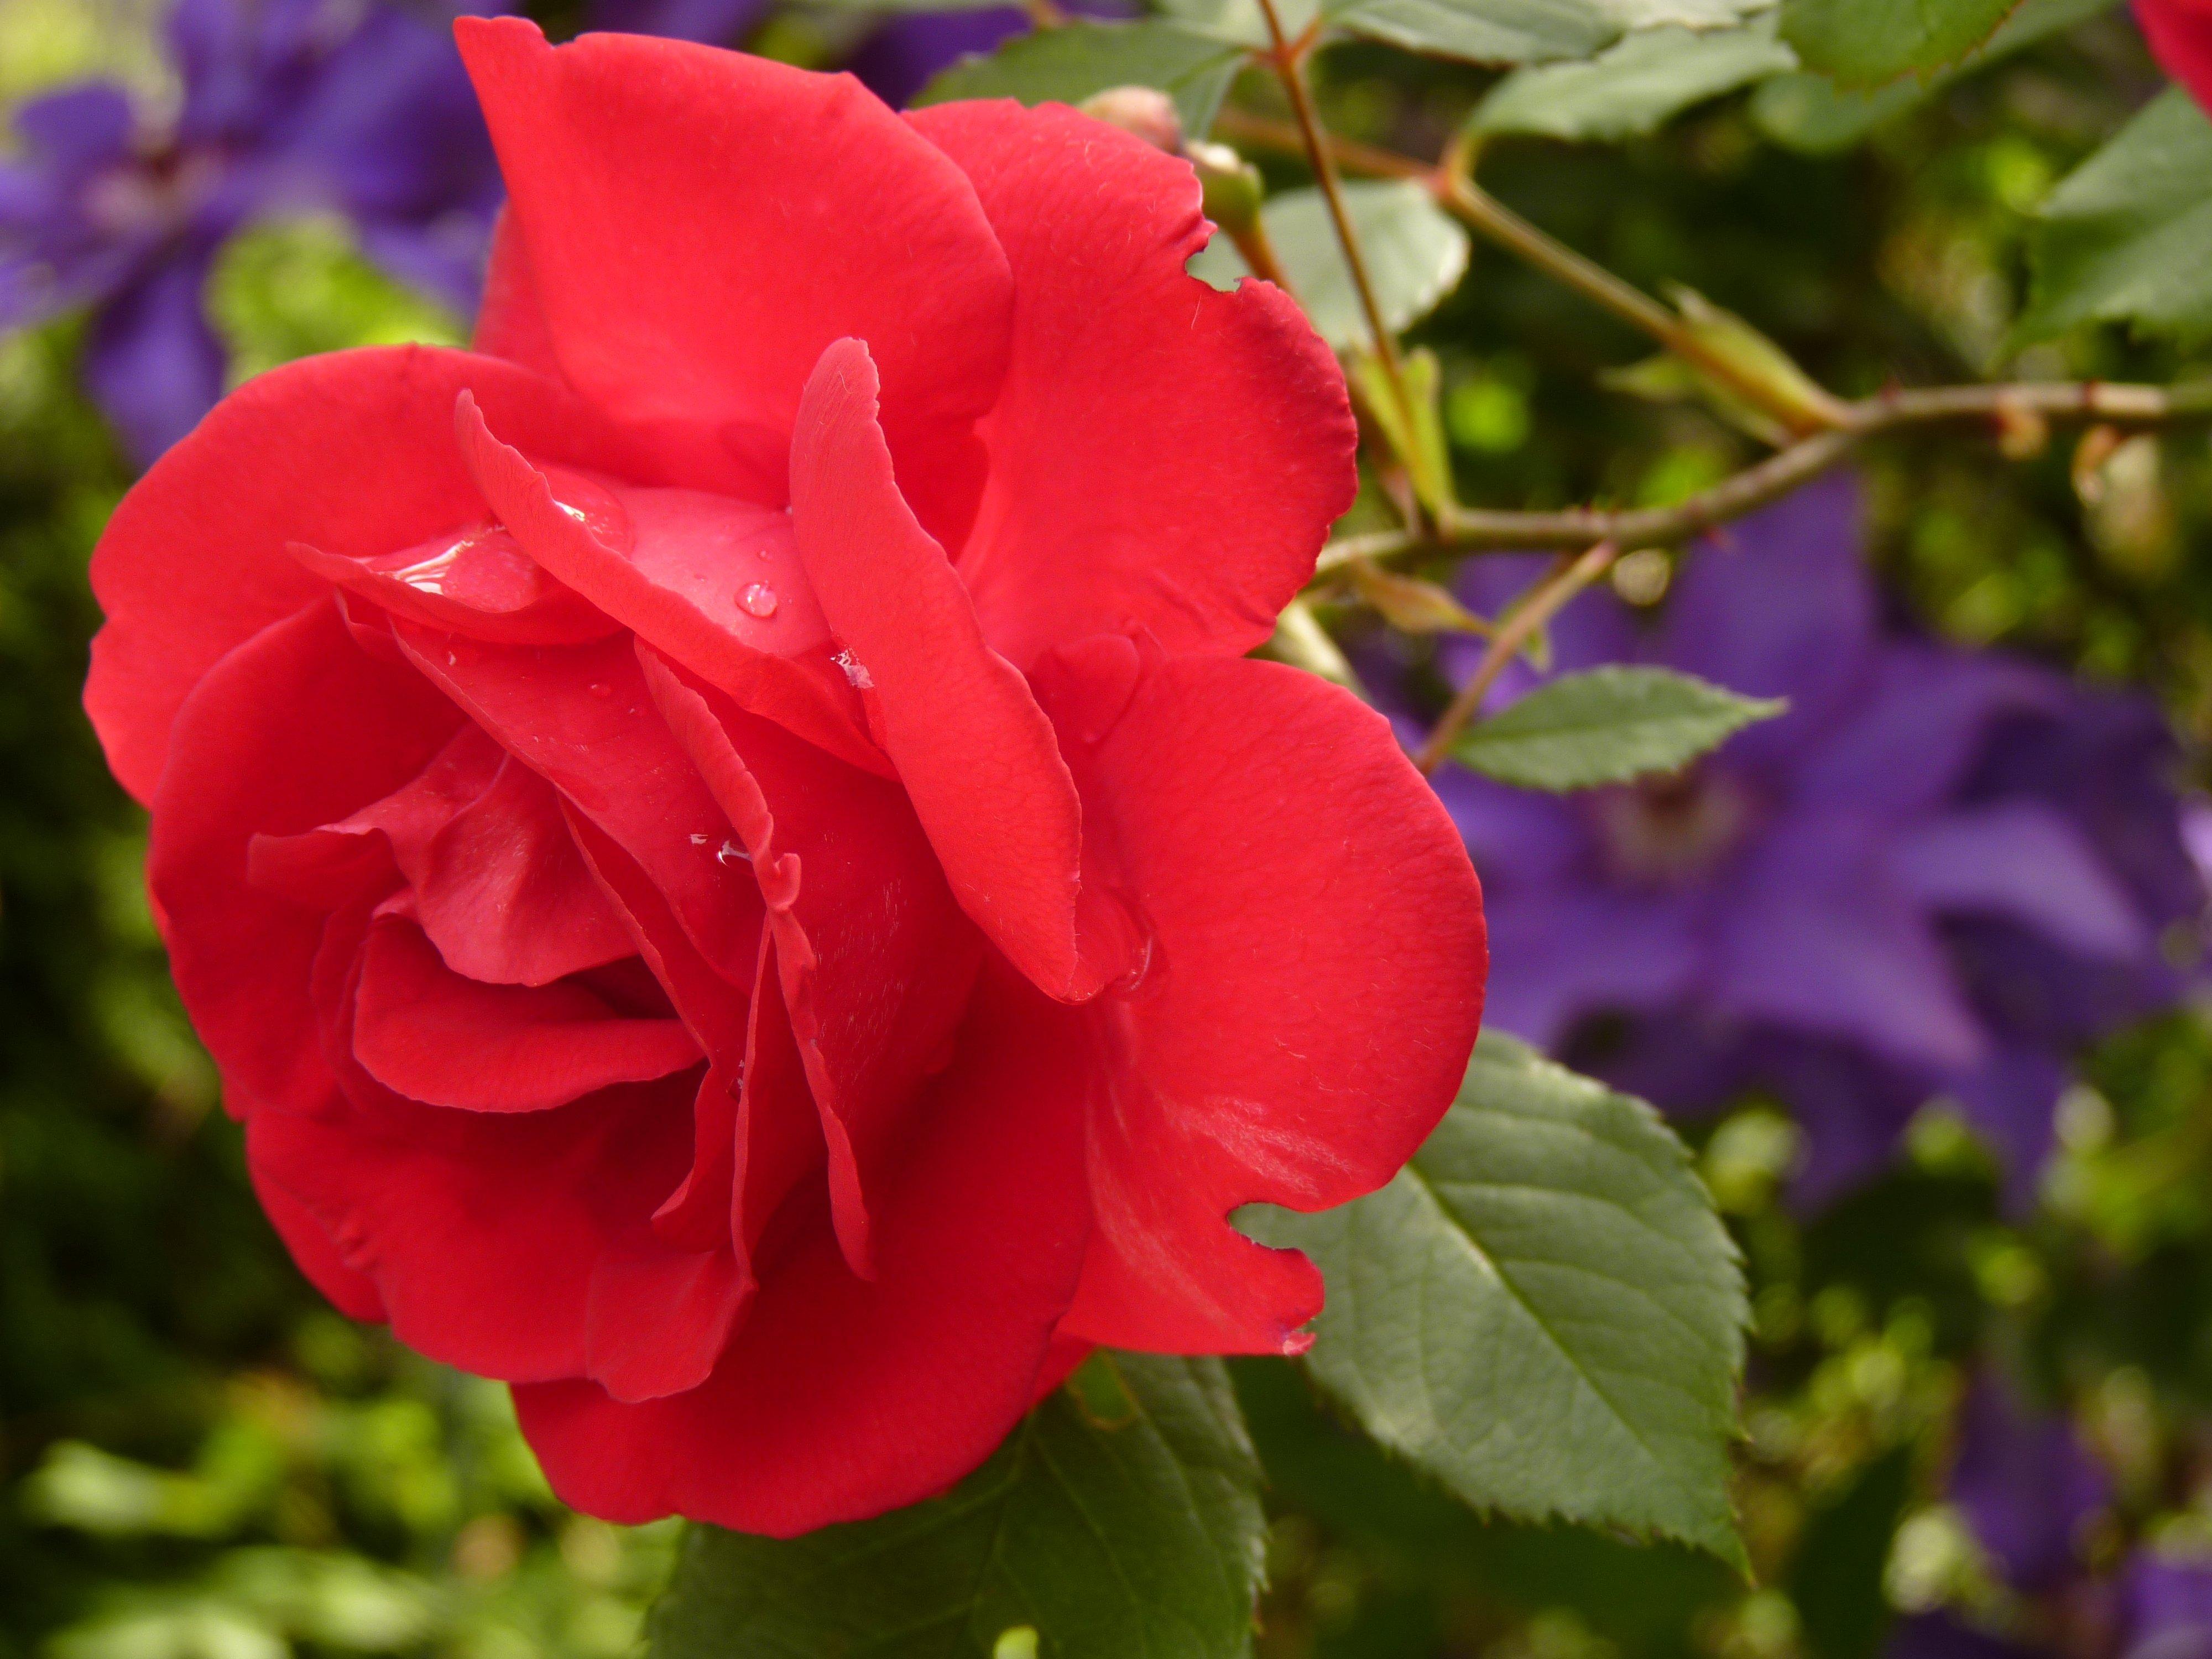 free images blossom flower petal botany flora red. Black Bedroom Furniture Sets. Home Design Ideas